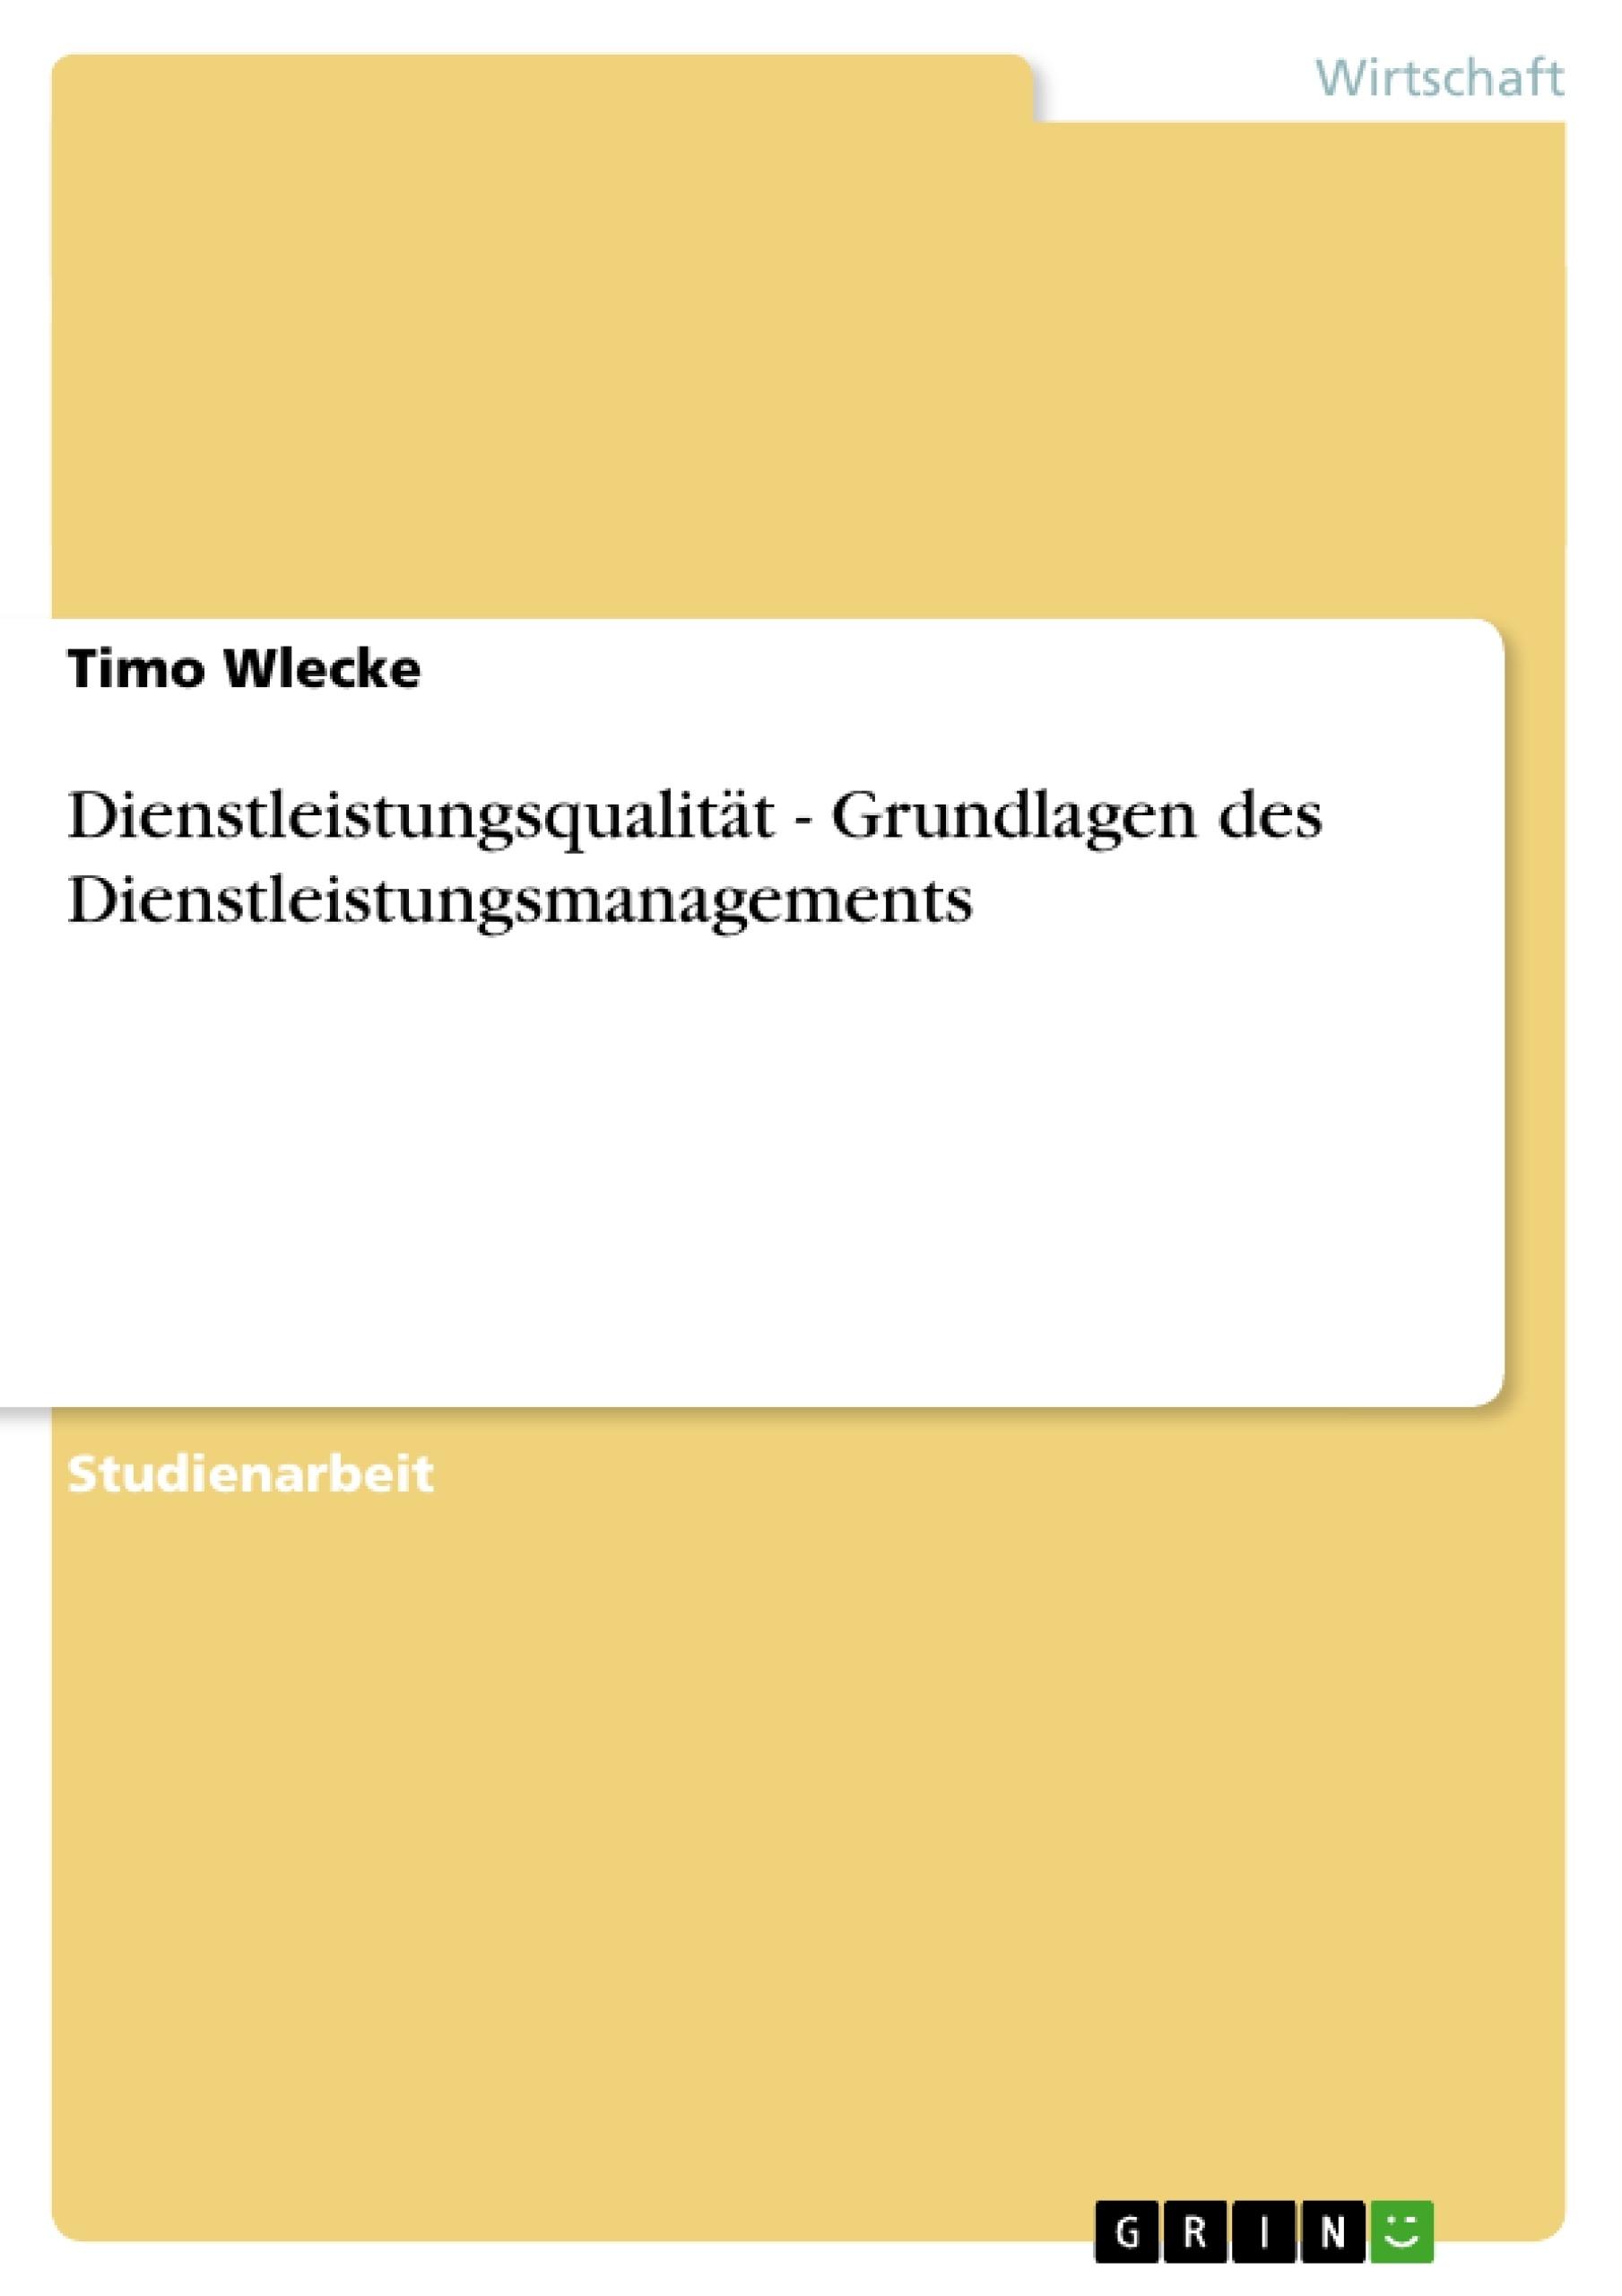 Titel: Dienstleistungsqualität -  Grundlagen des Dienstleistungsmanagements